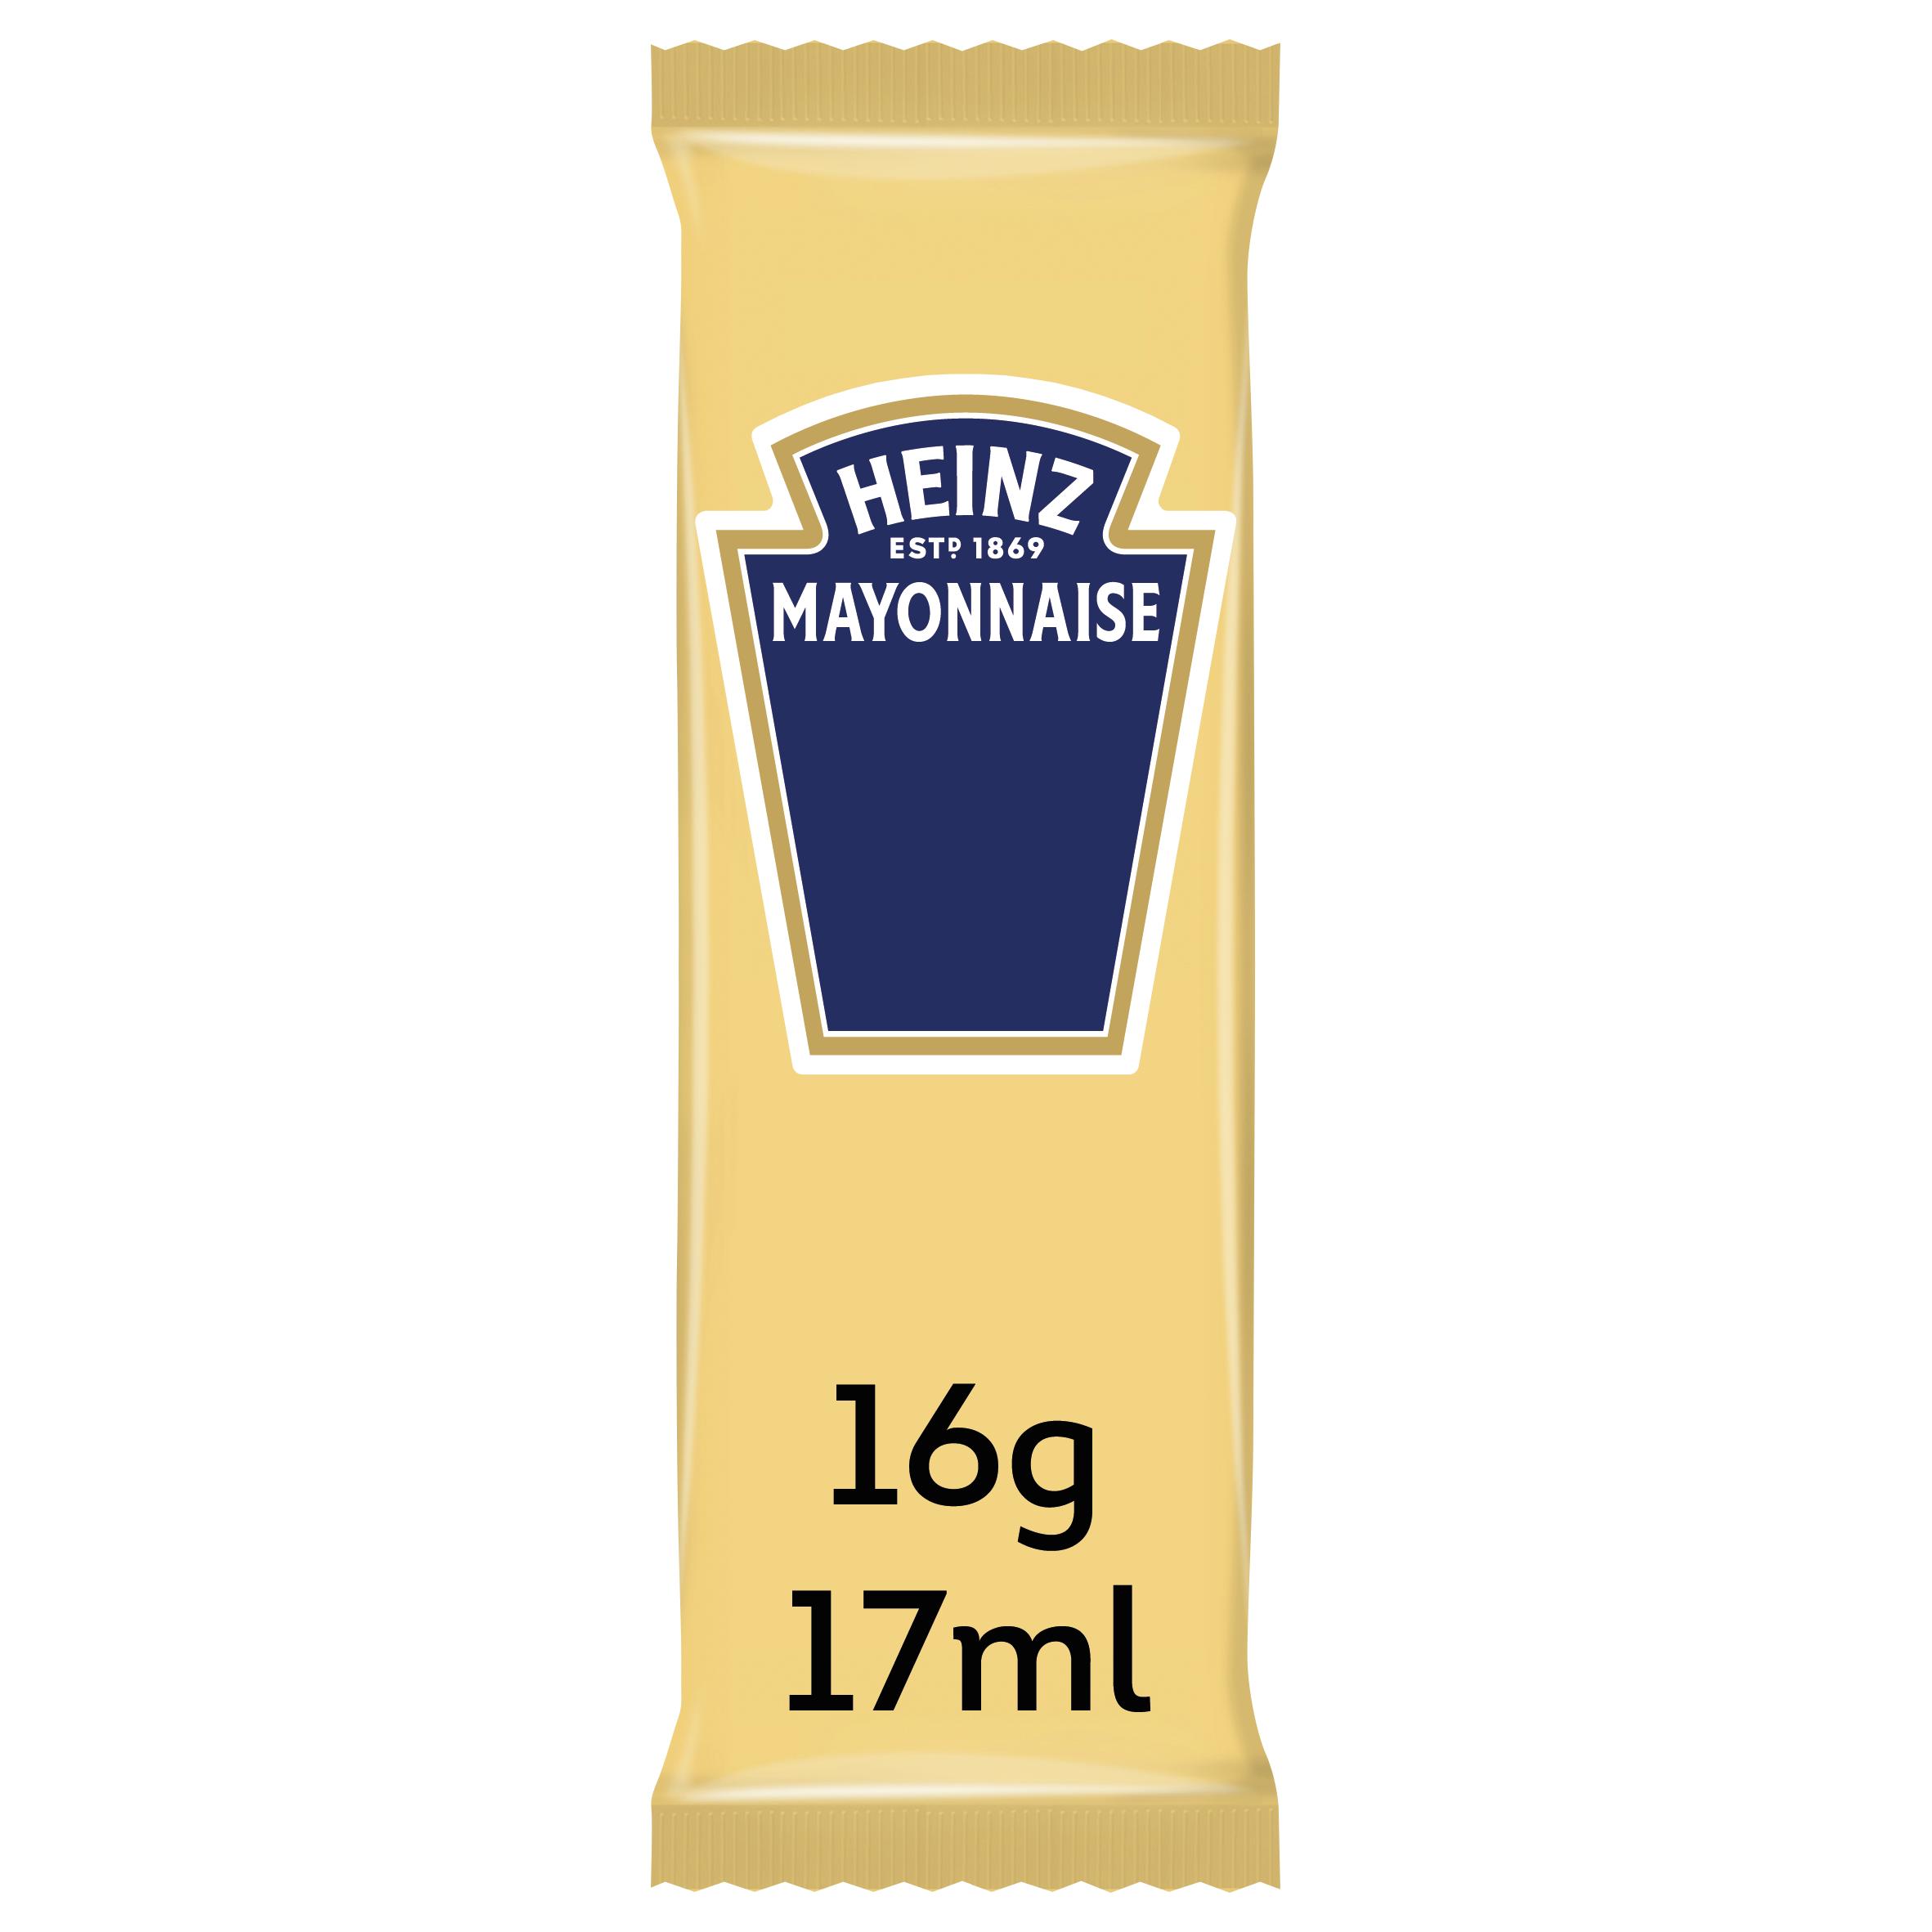 Heinz Mayonaise 17ml image